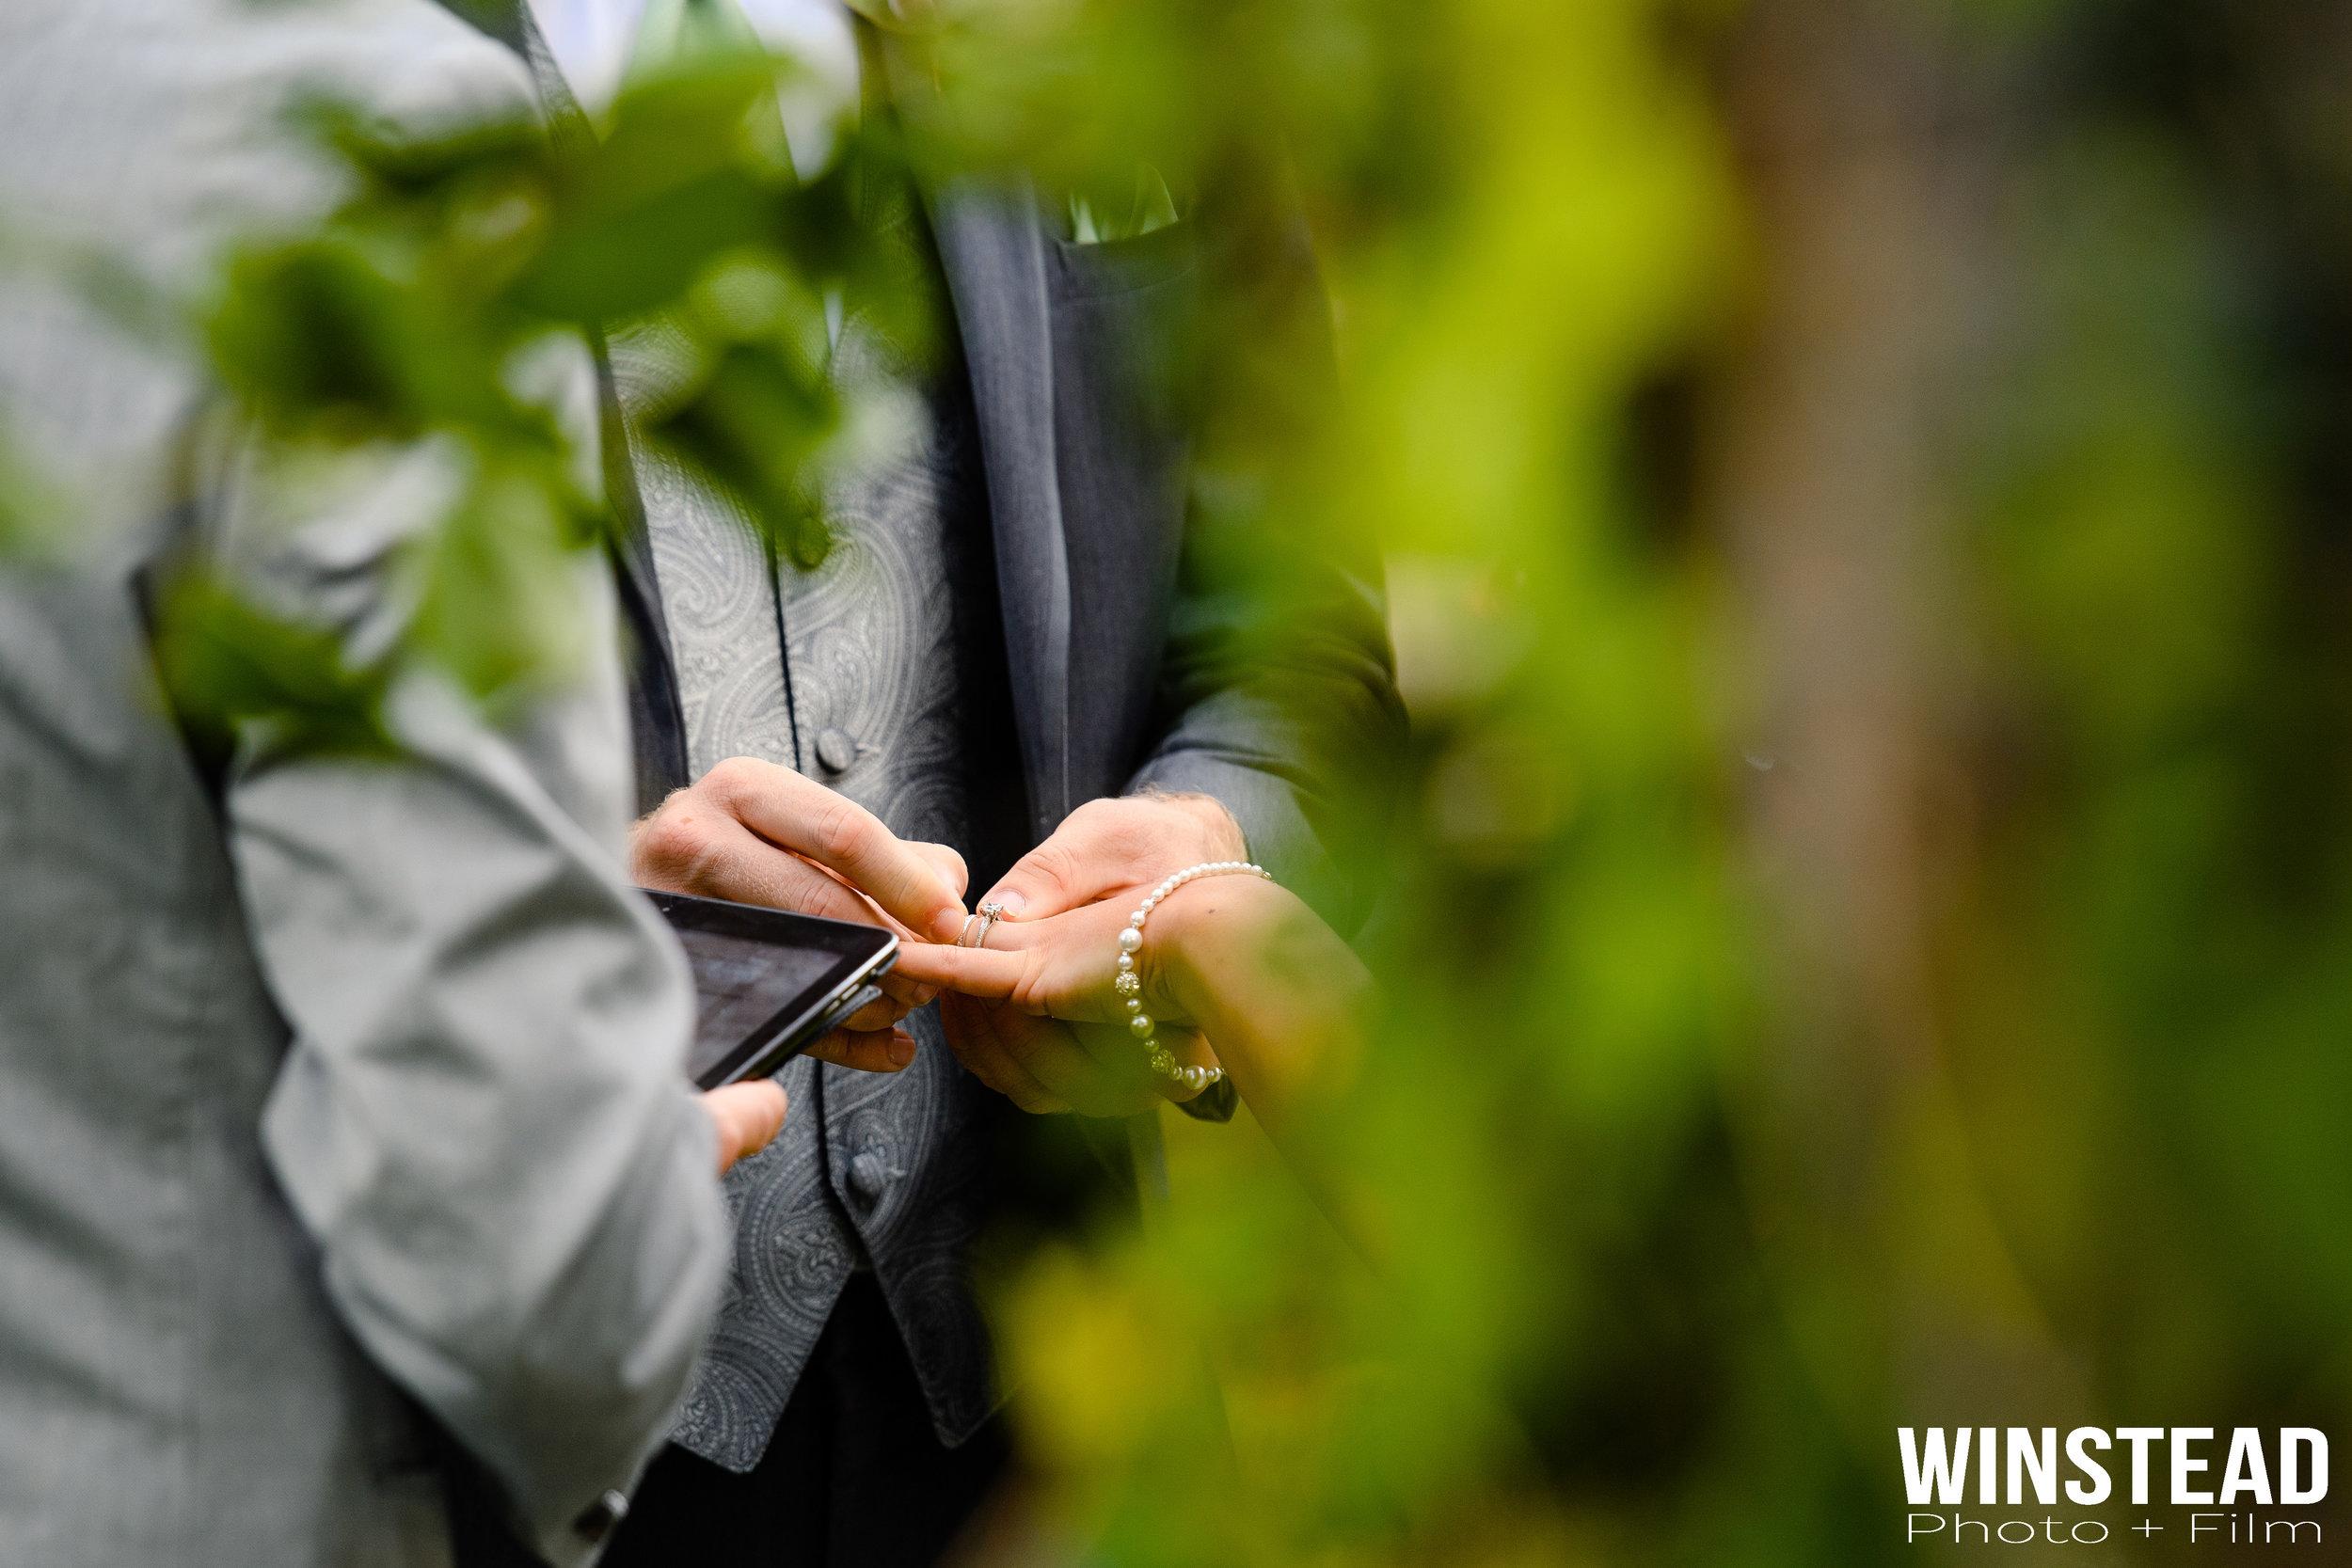 watson-house-emerald-isle-nc-wedding-027.jpg